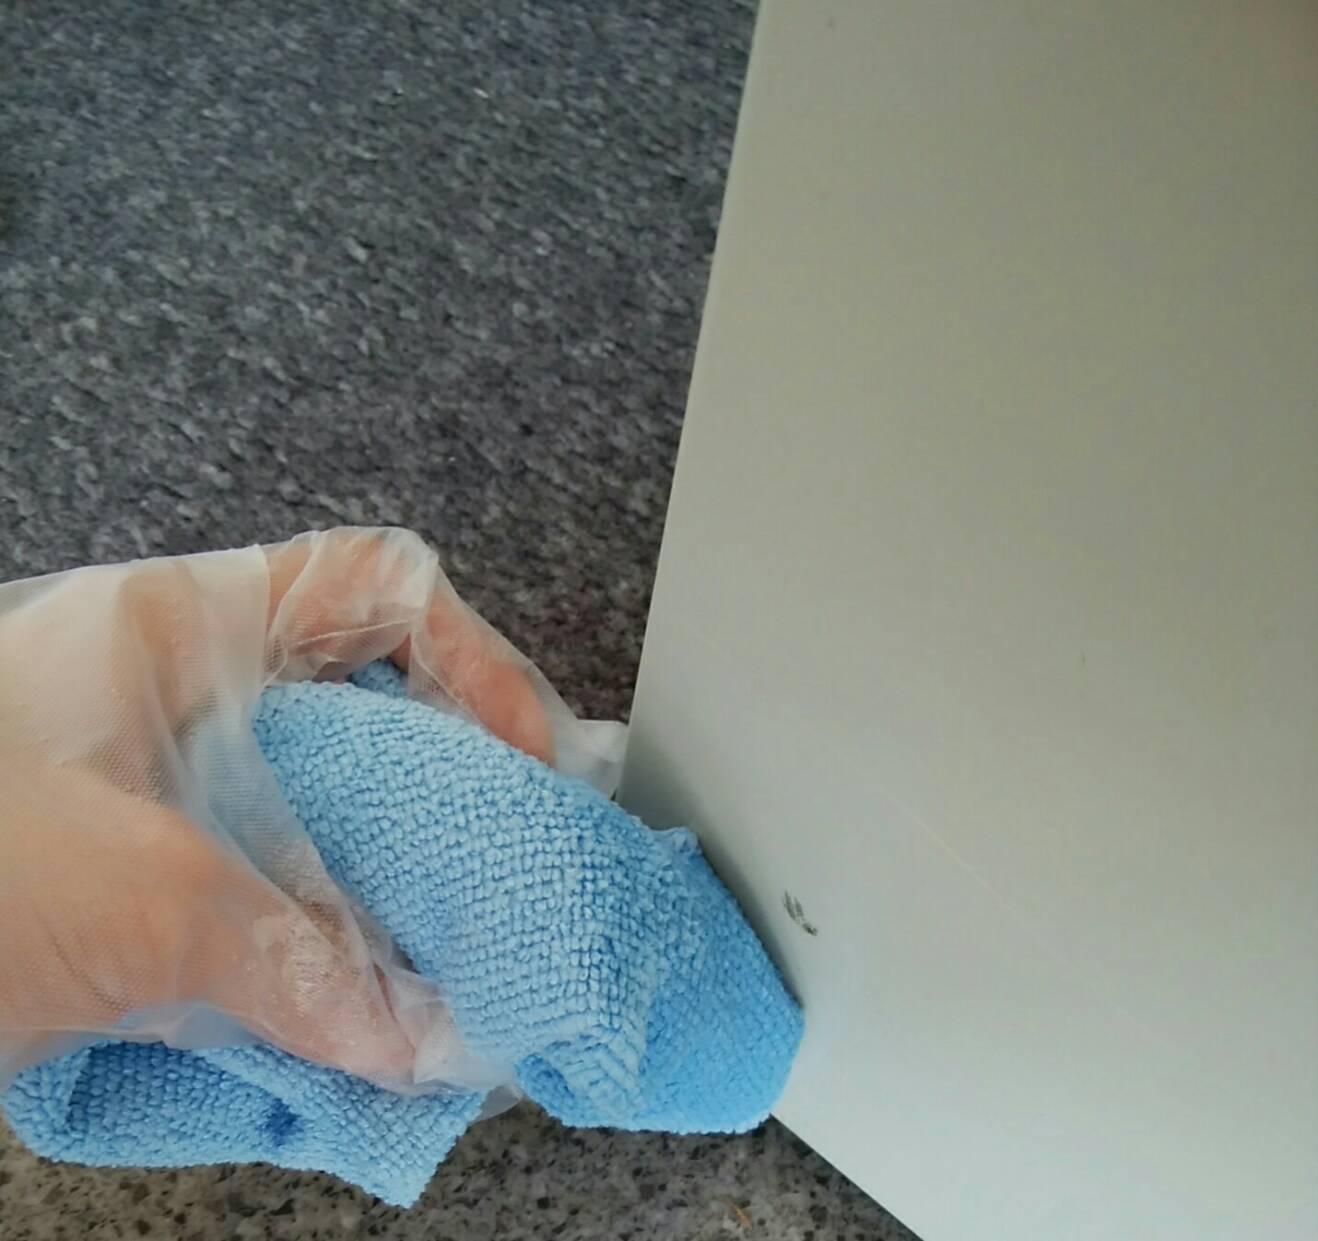 今日の小掃除 ー 事務所の受付カウンター ー